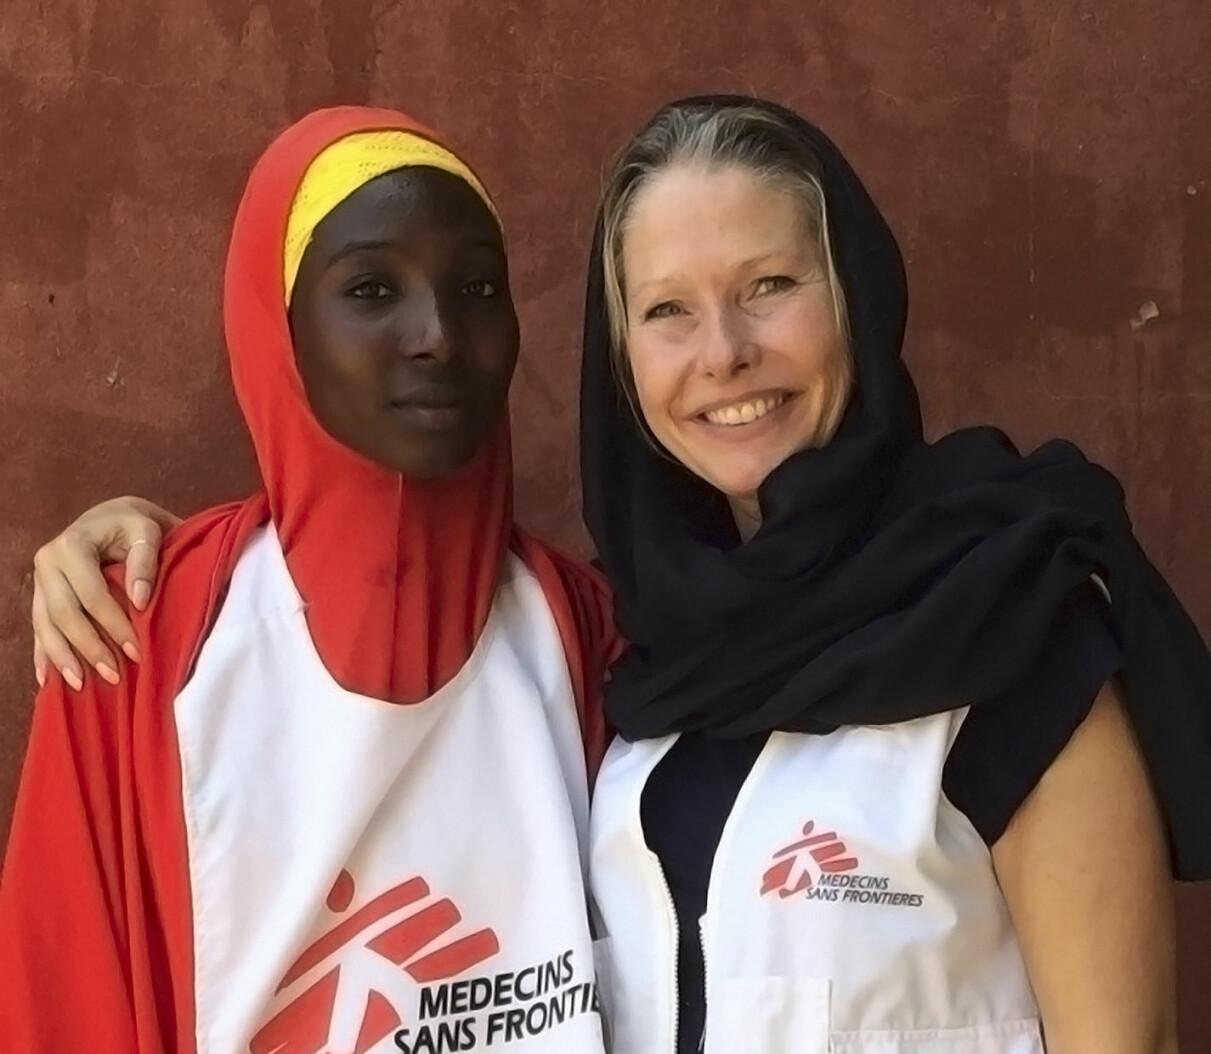 Kari arbetar för Läkare utan gränser